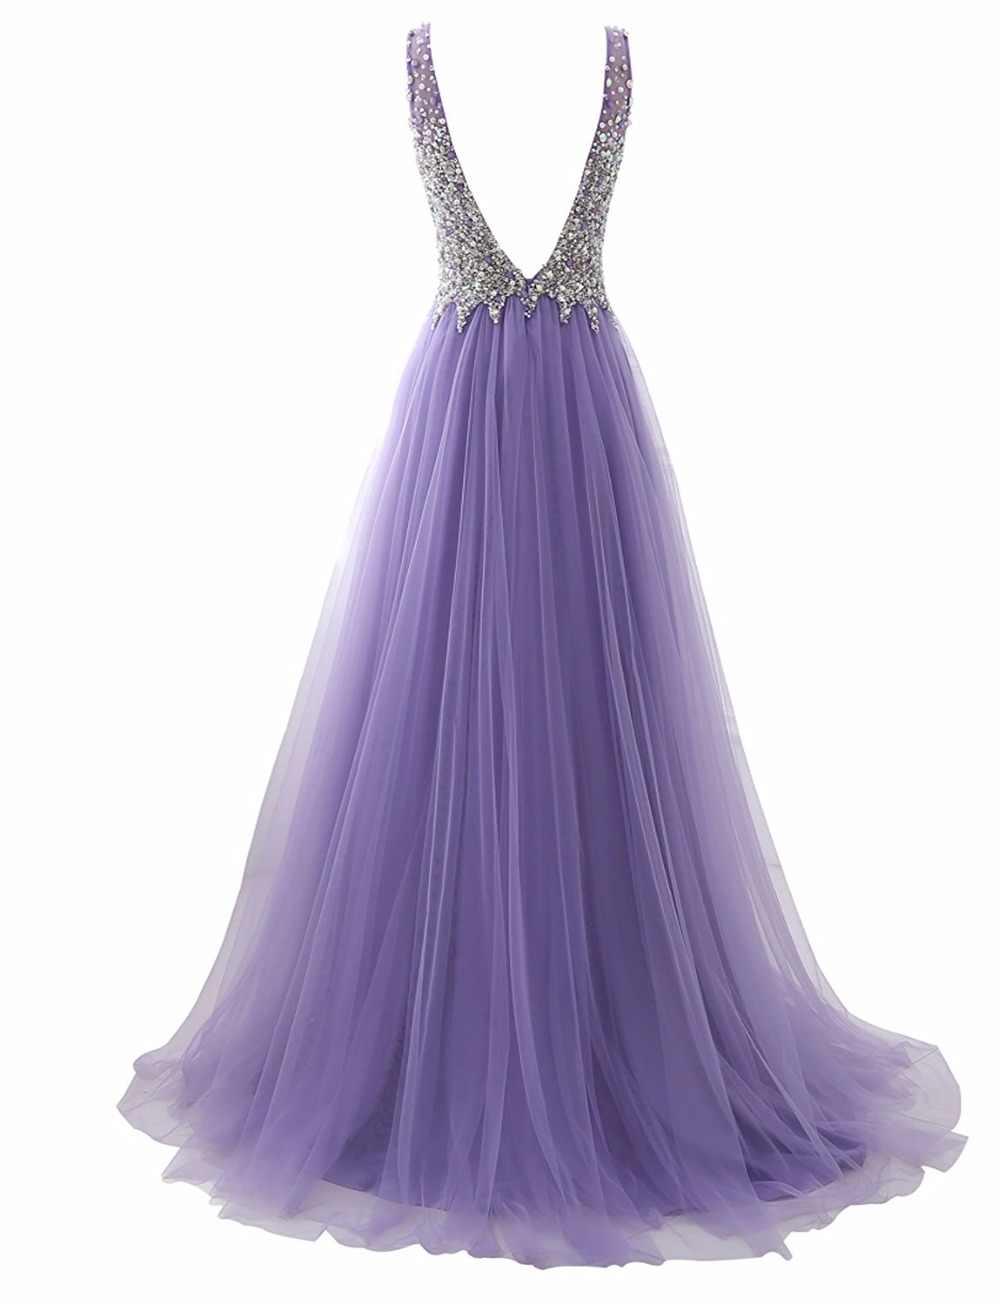 Фиолетовые Выпускные платья 2019 тюль бисером женское вечернее платье без спины платья без спинки трапециевидной формы с v-образным вырезом Vestidos De Graduacion